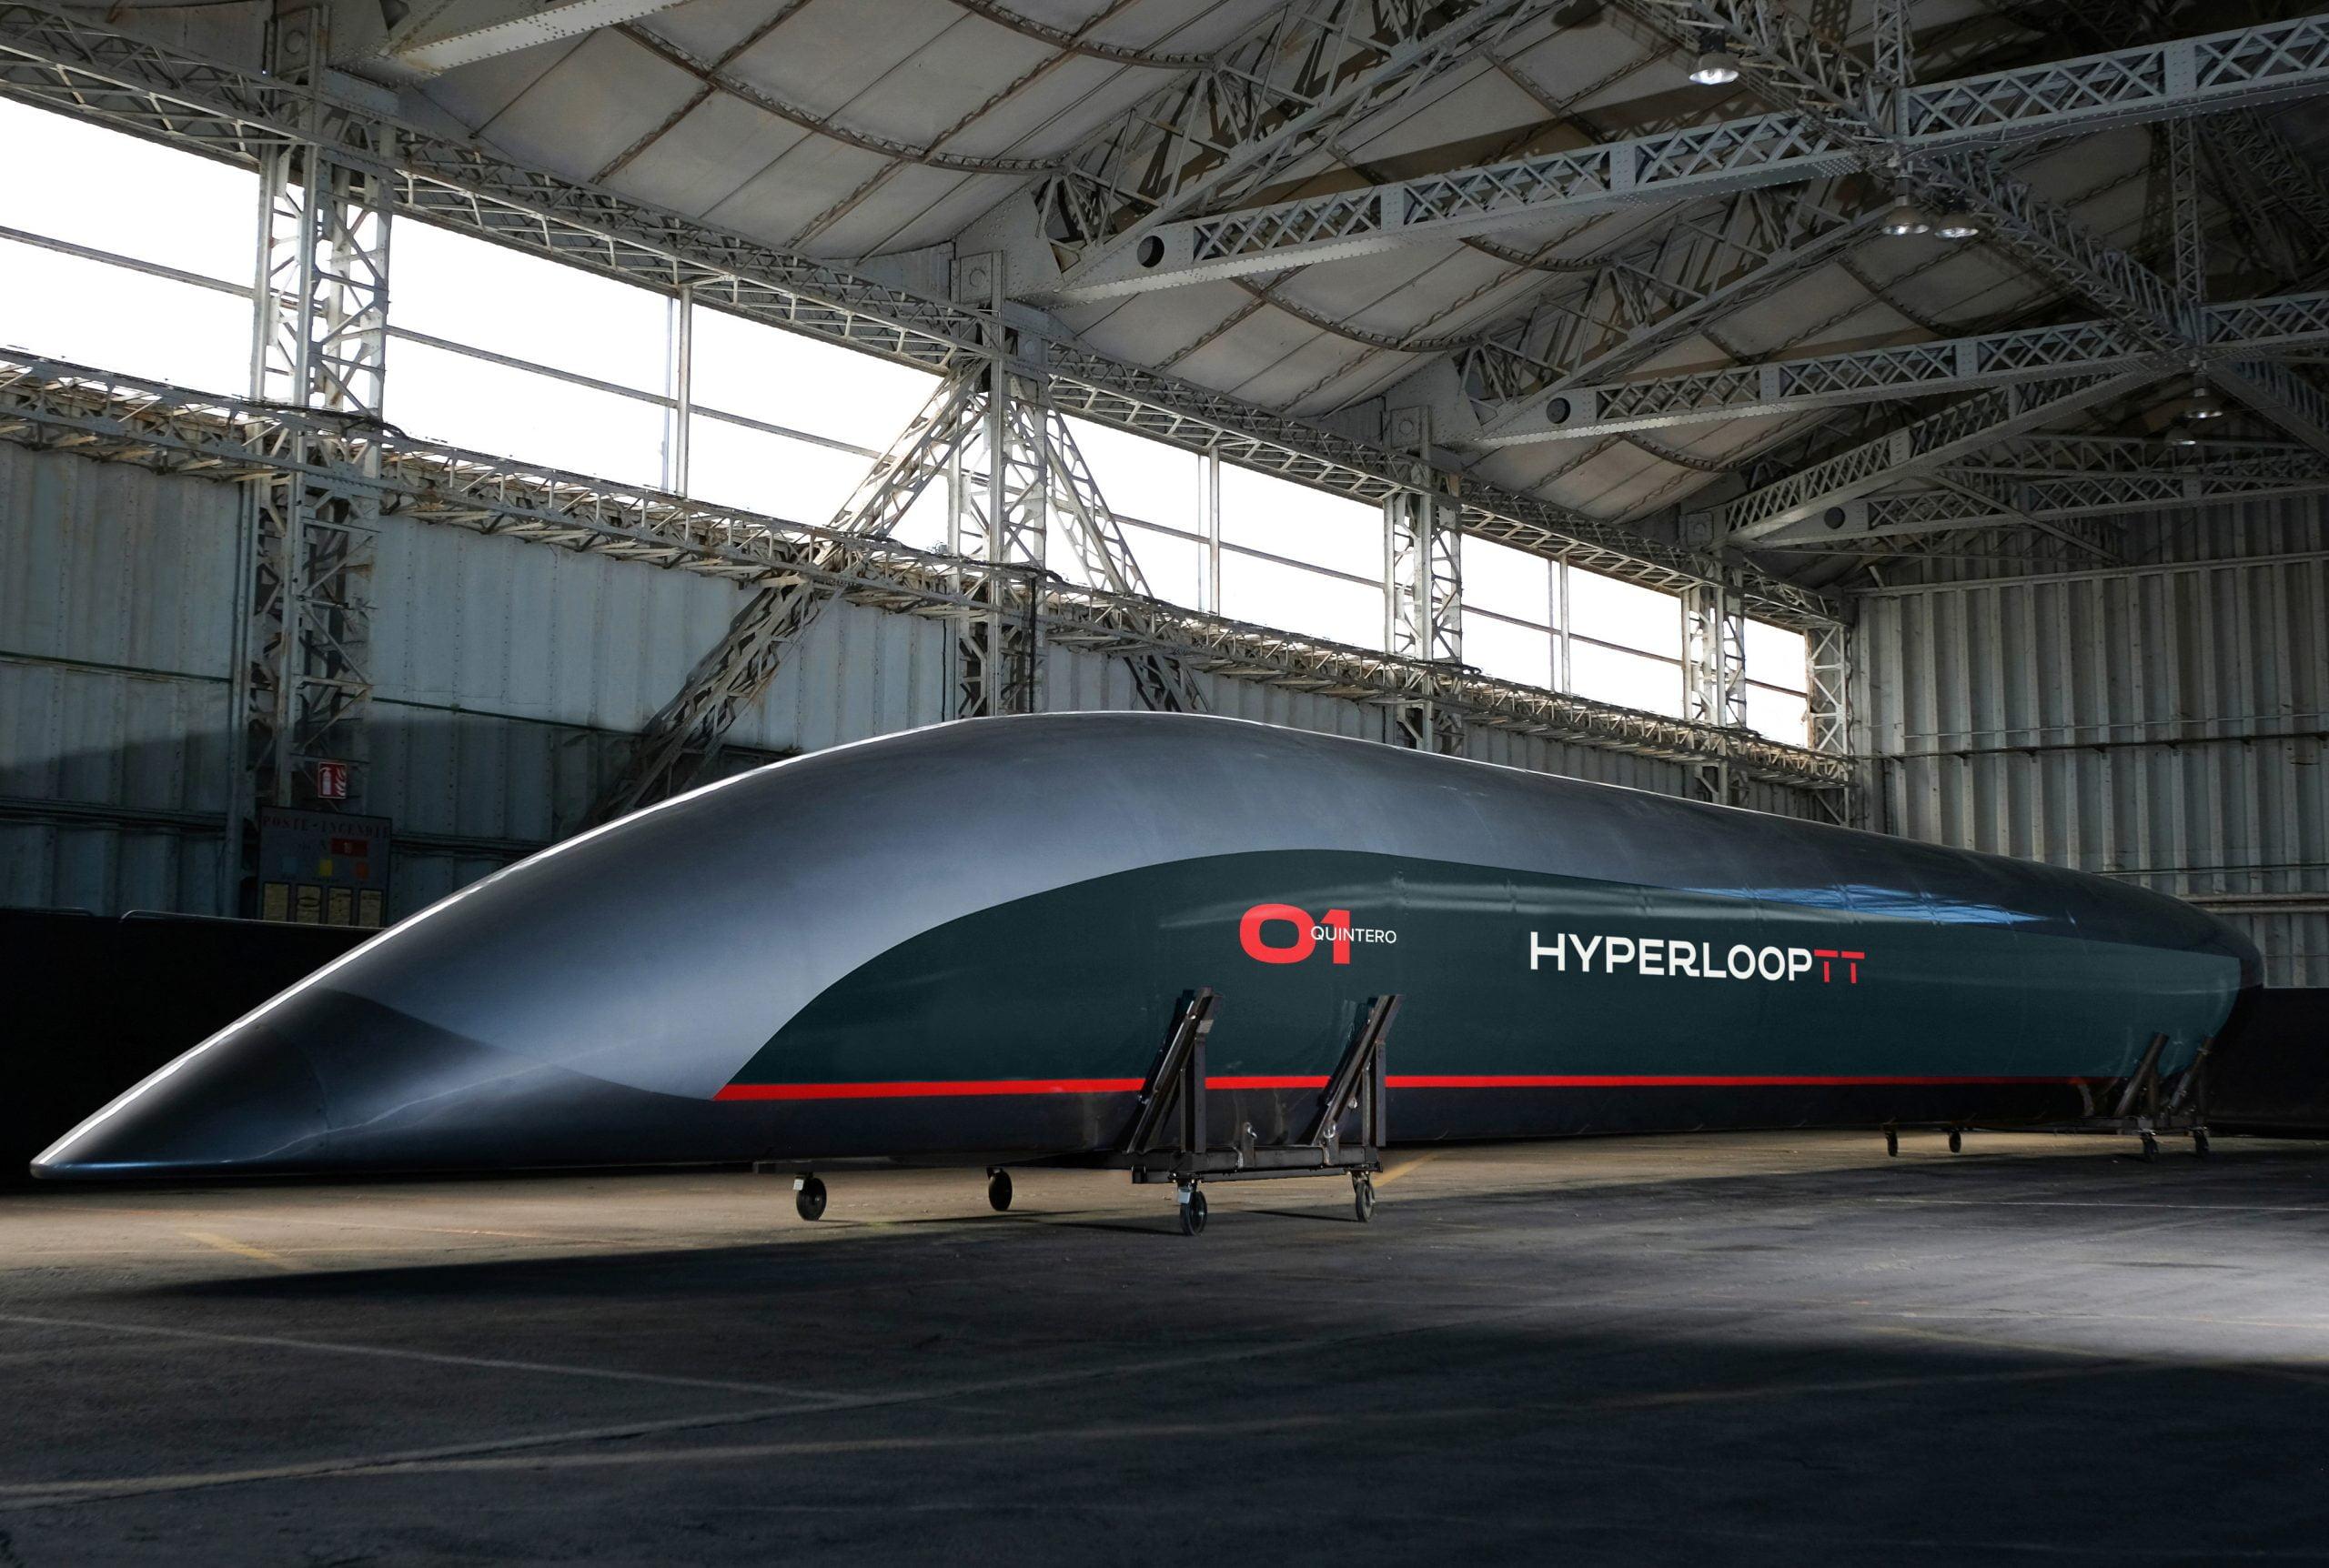 Imagen destacada Hyperloop Transportation y TÜV SÜD publican la guía de seguridad del sistema